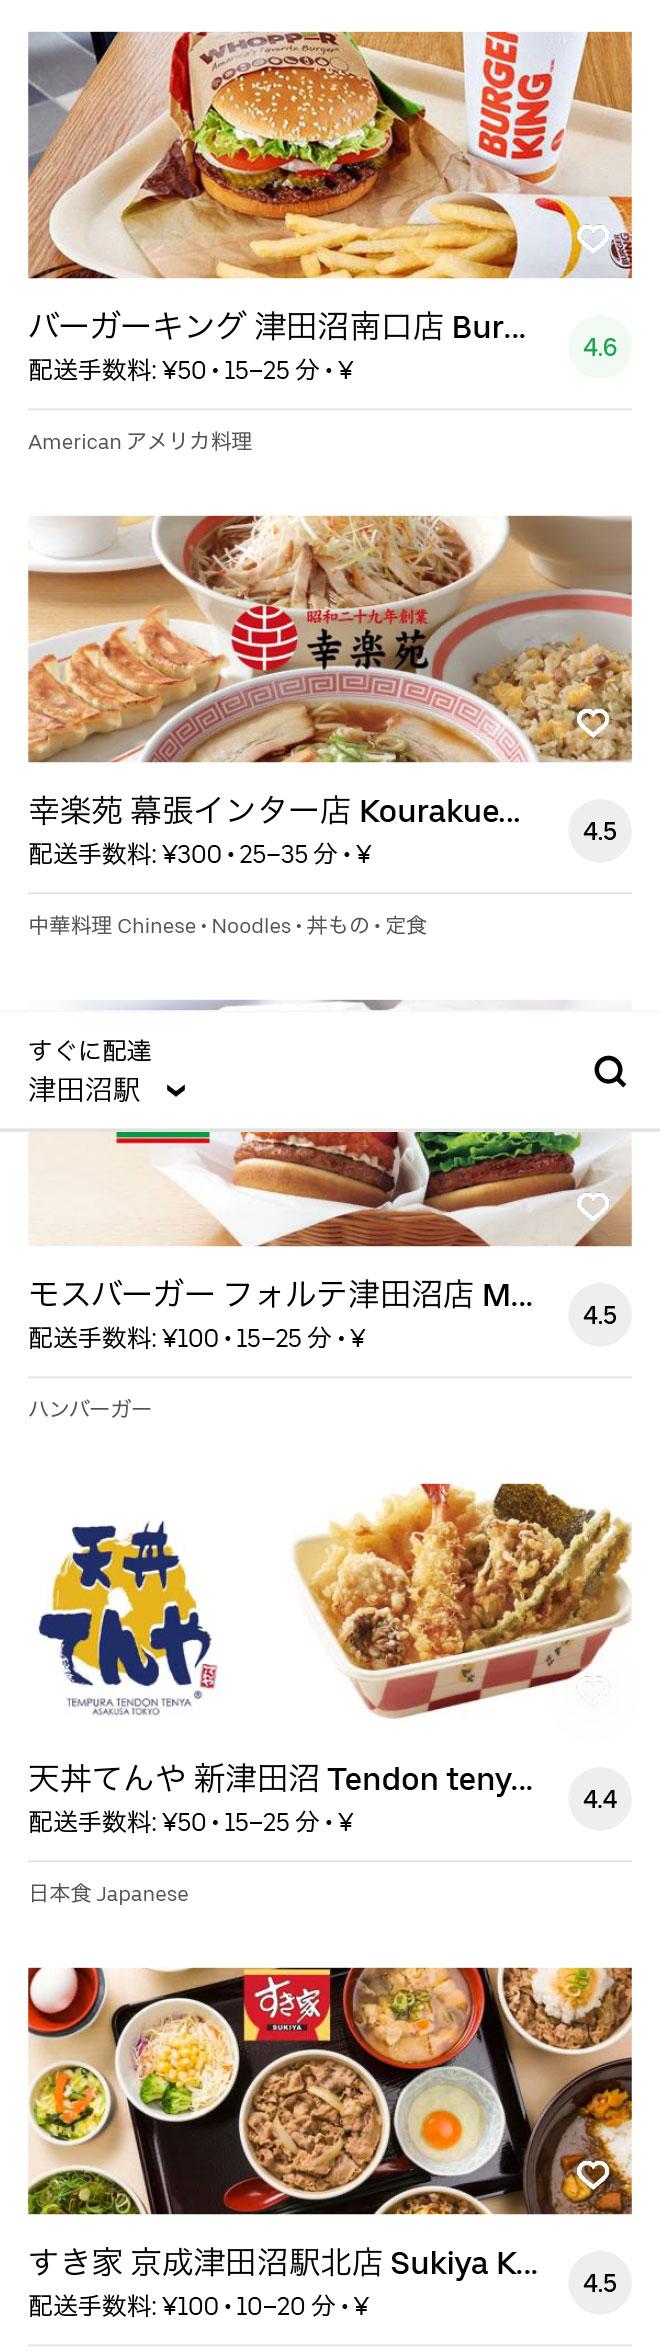 Narashino tudanuma menu 2004 03